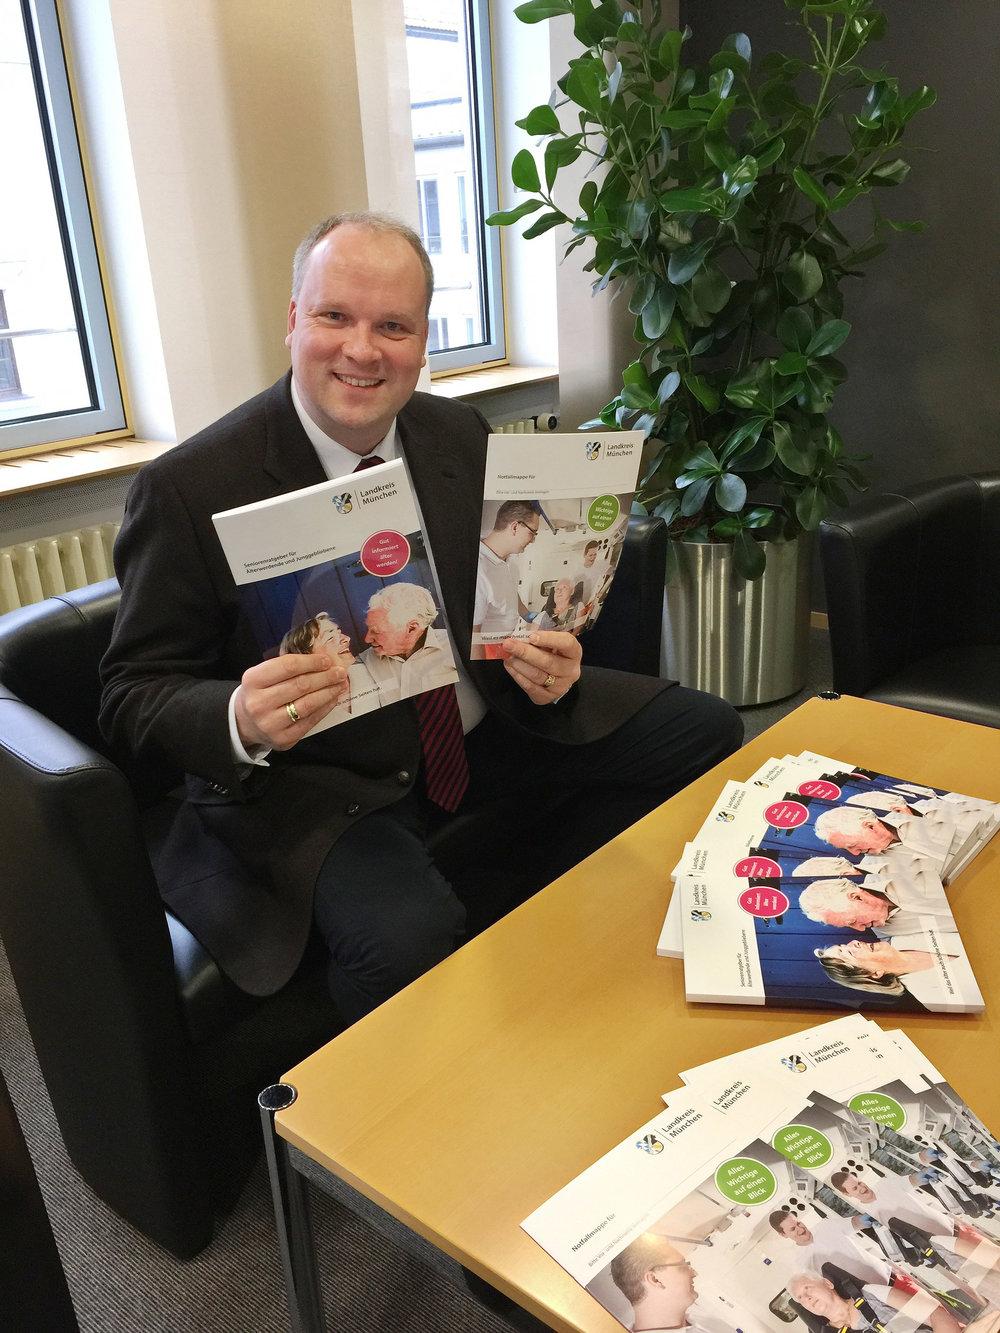 Präsentiert das neue Nachschlagewerk für Seniorinnen und Senioren im Landkreis: Landrat Christoph Göbel.